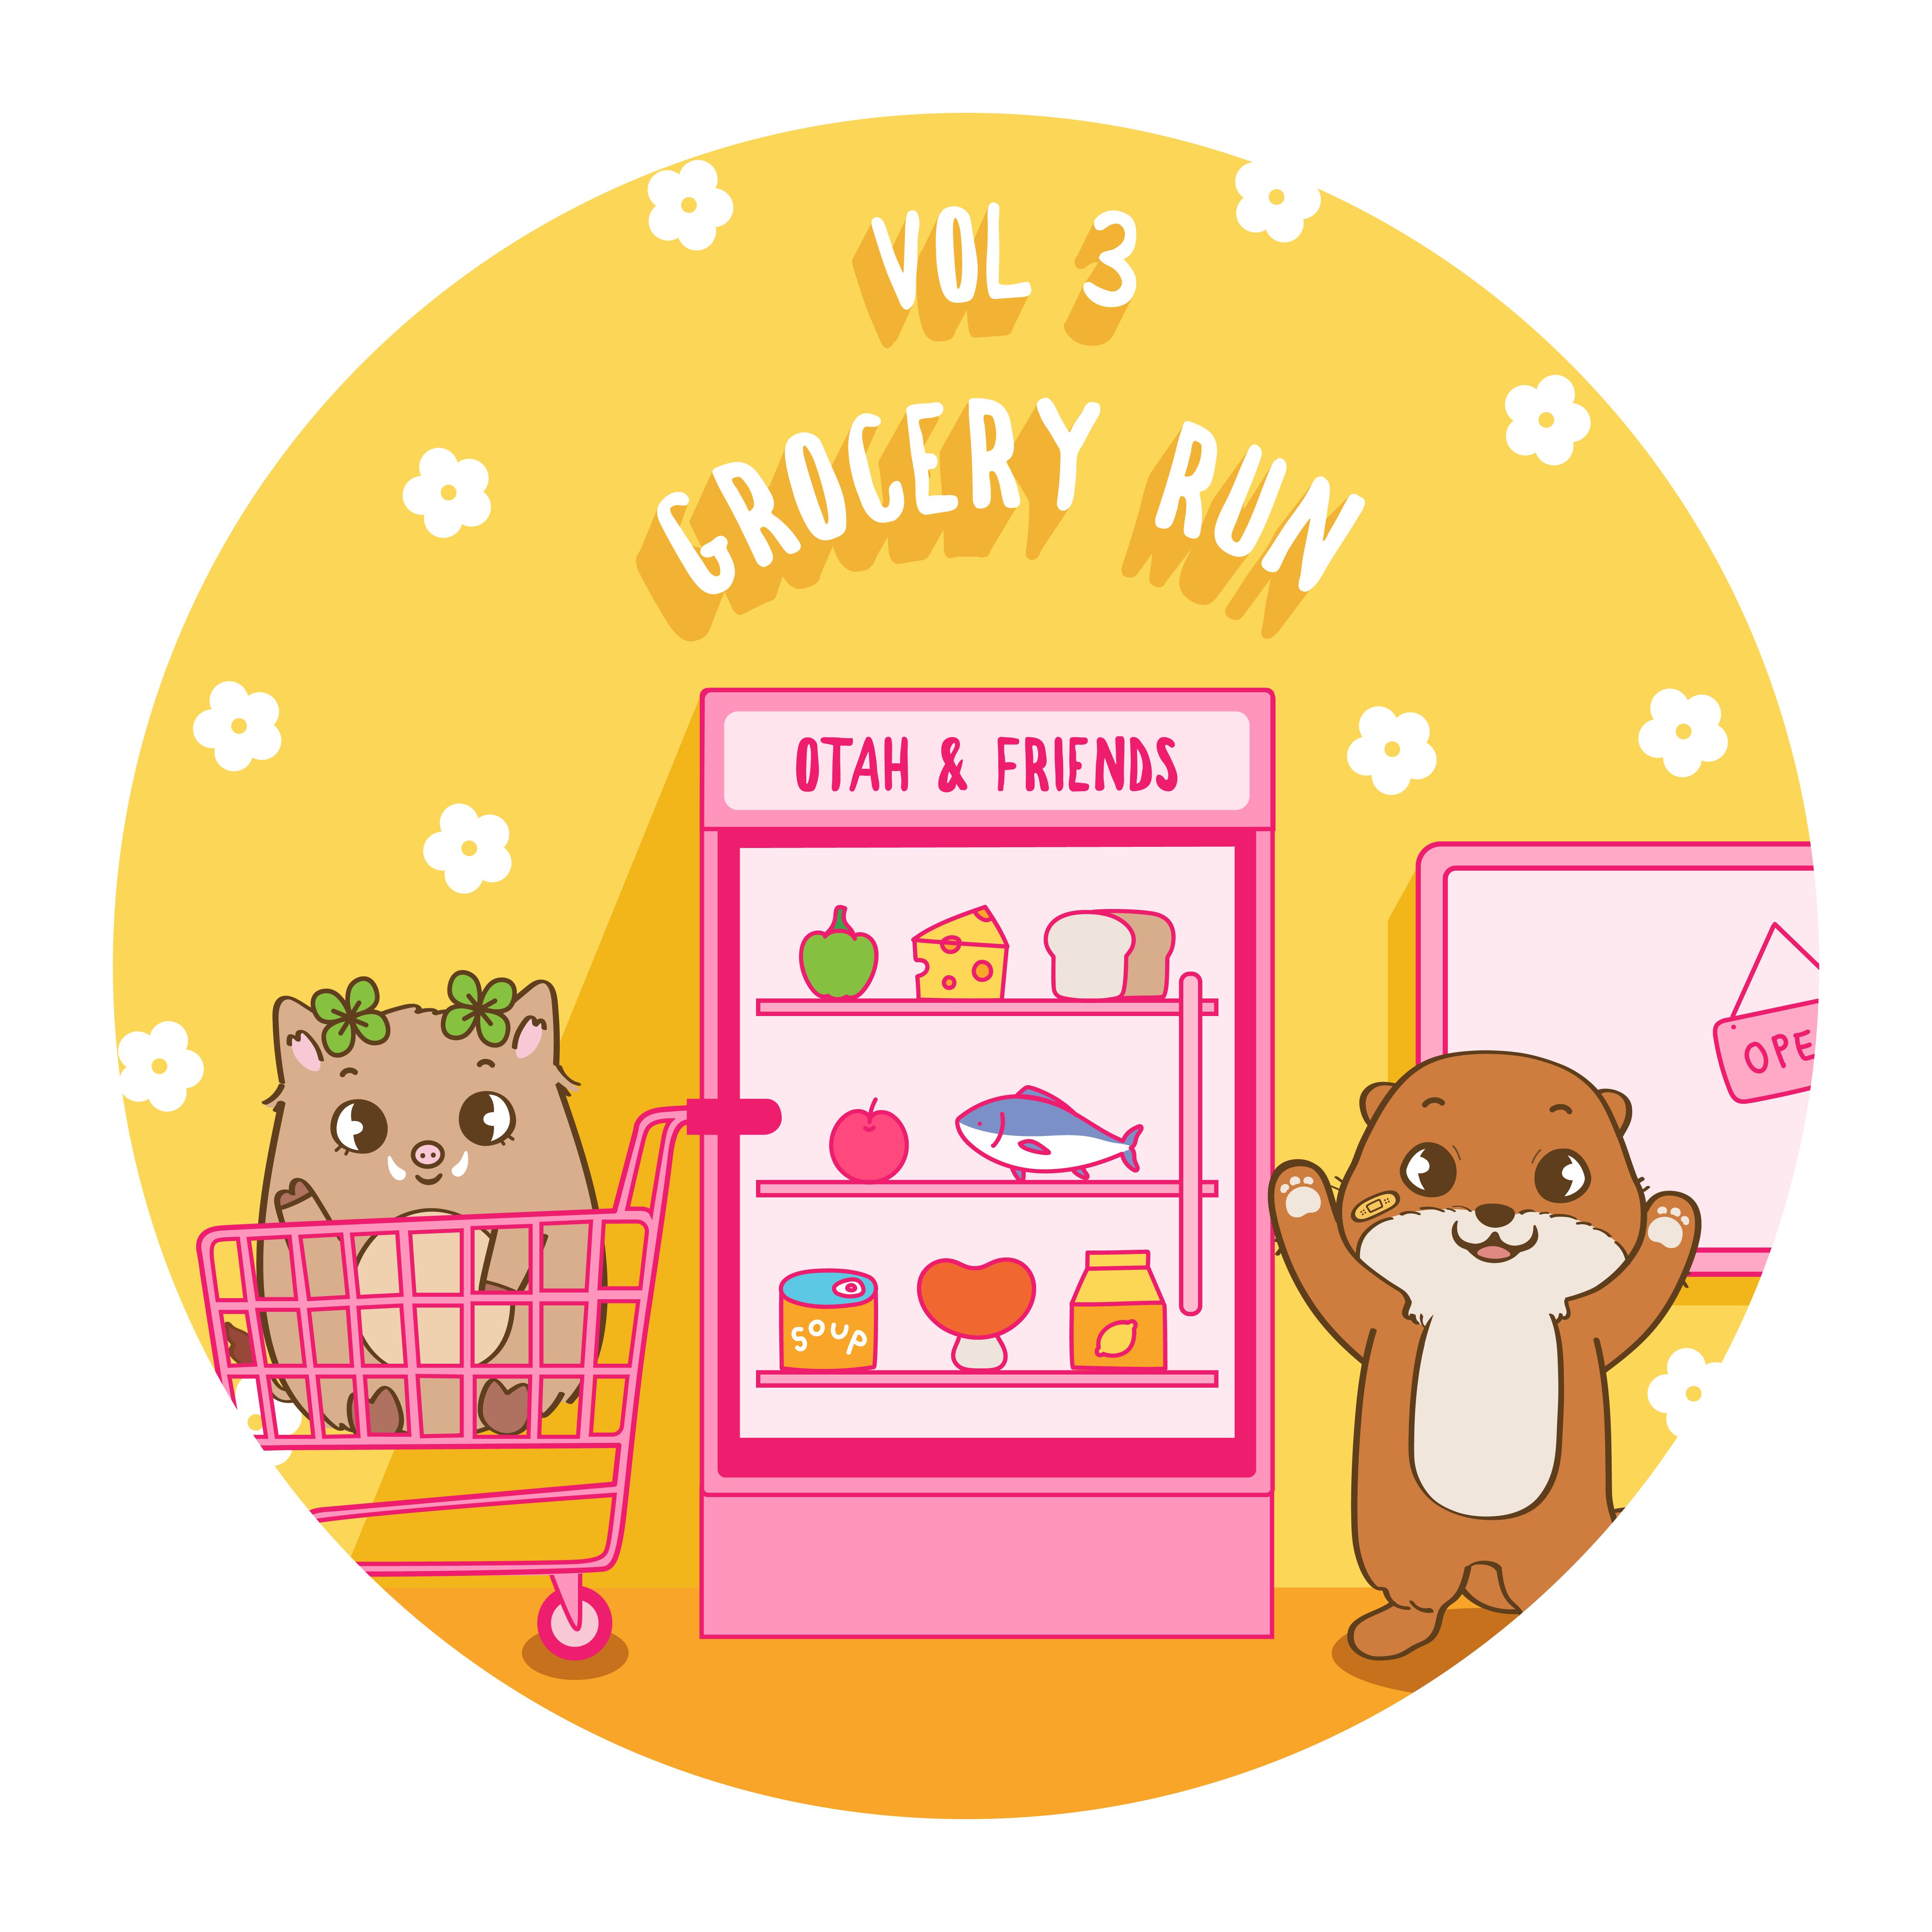 Otah &Friends Vol 3: Grocery Run